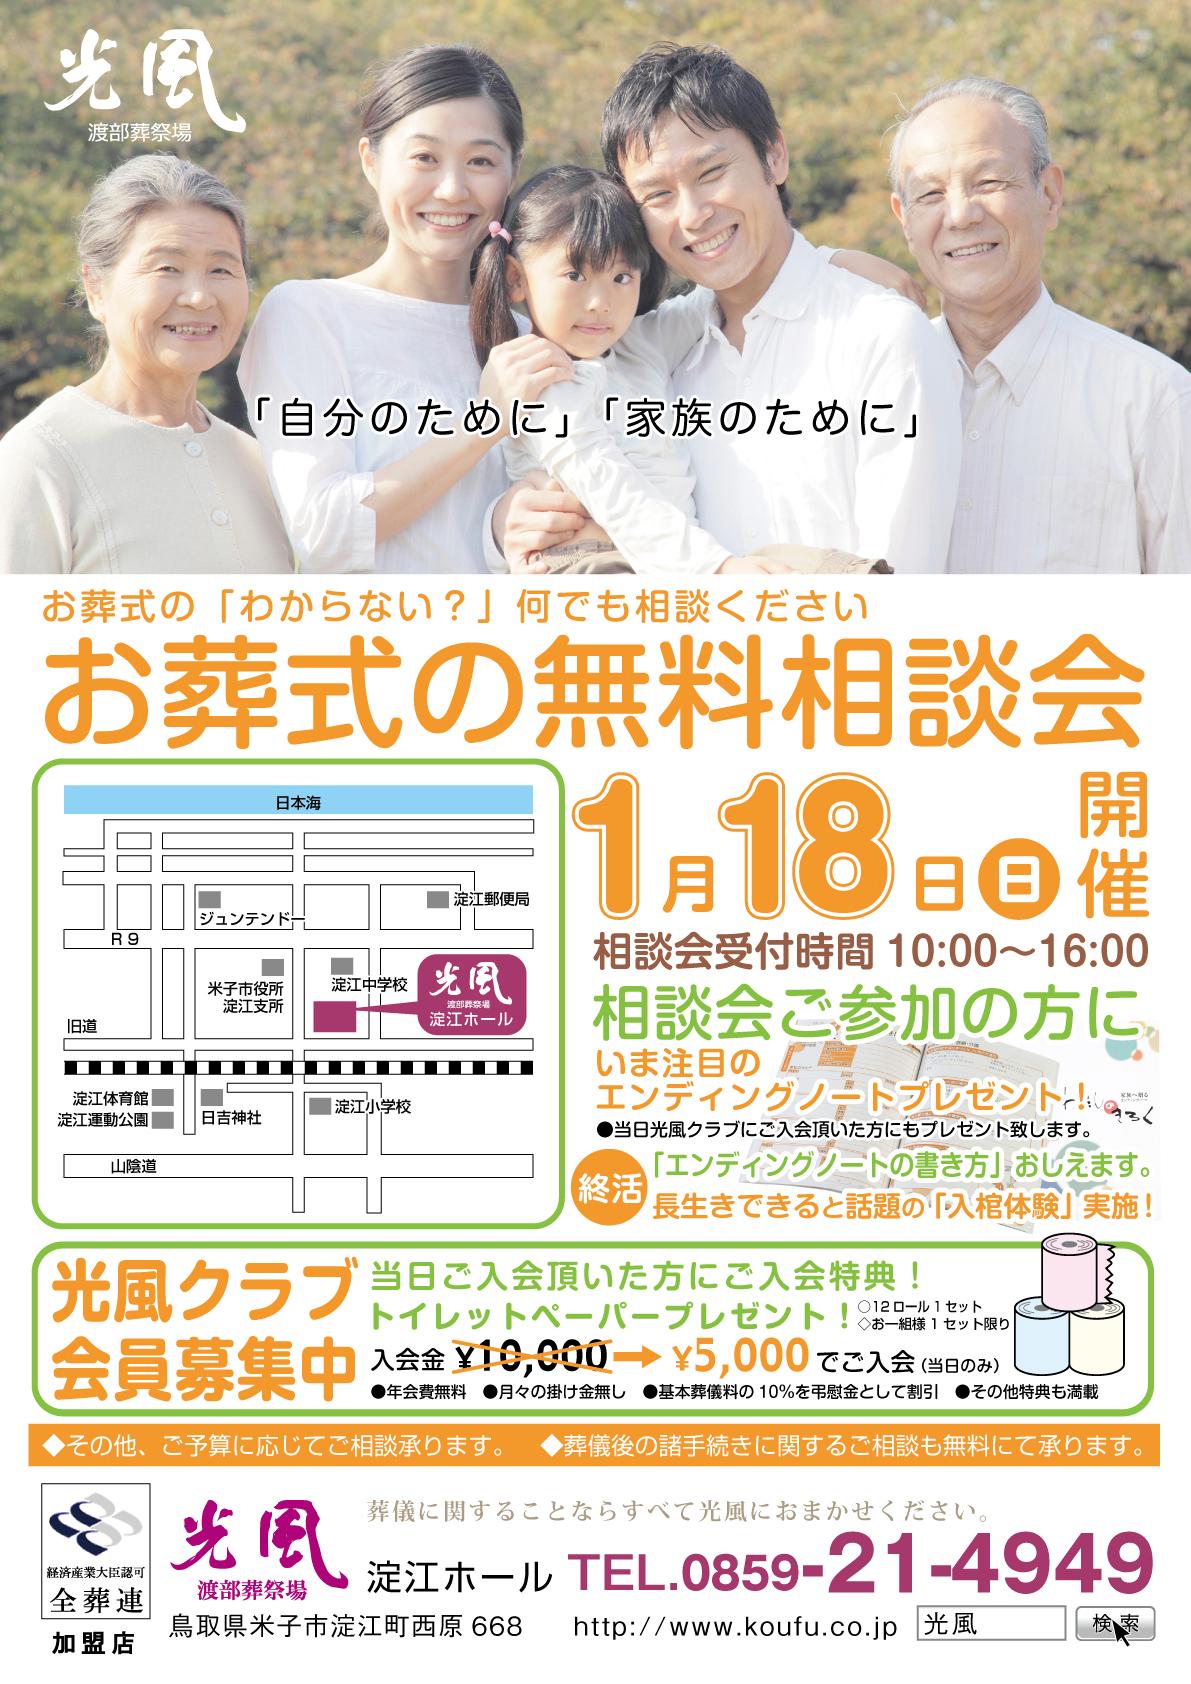 淀江ホール 平成27年1月18日の相談会チラシ